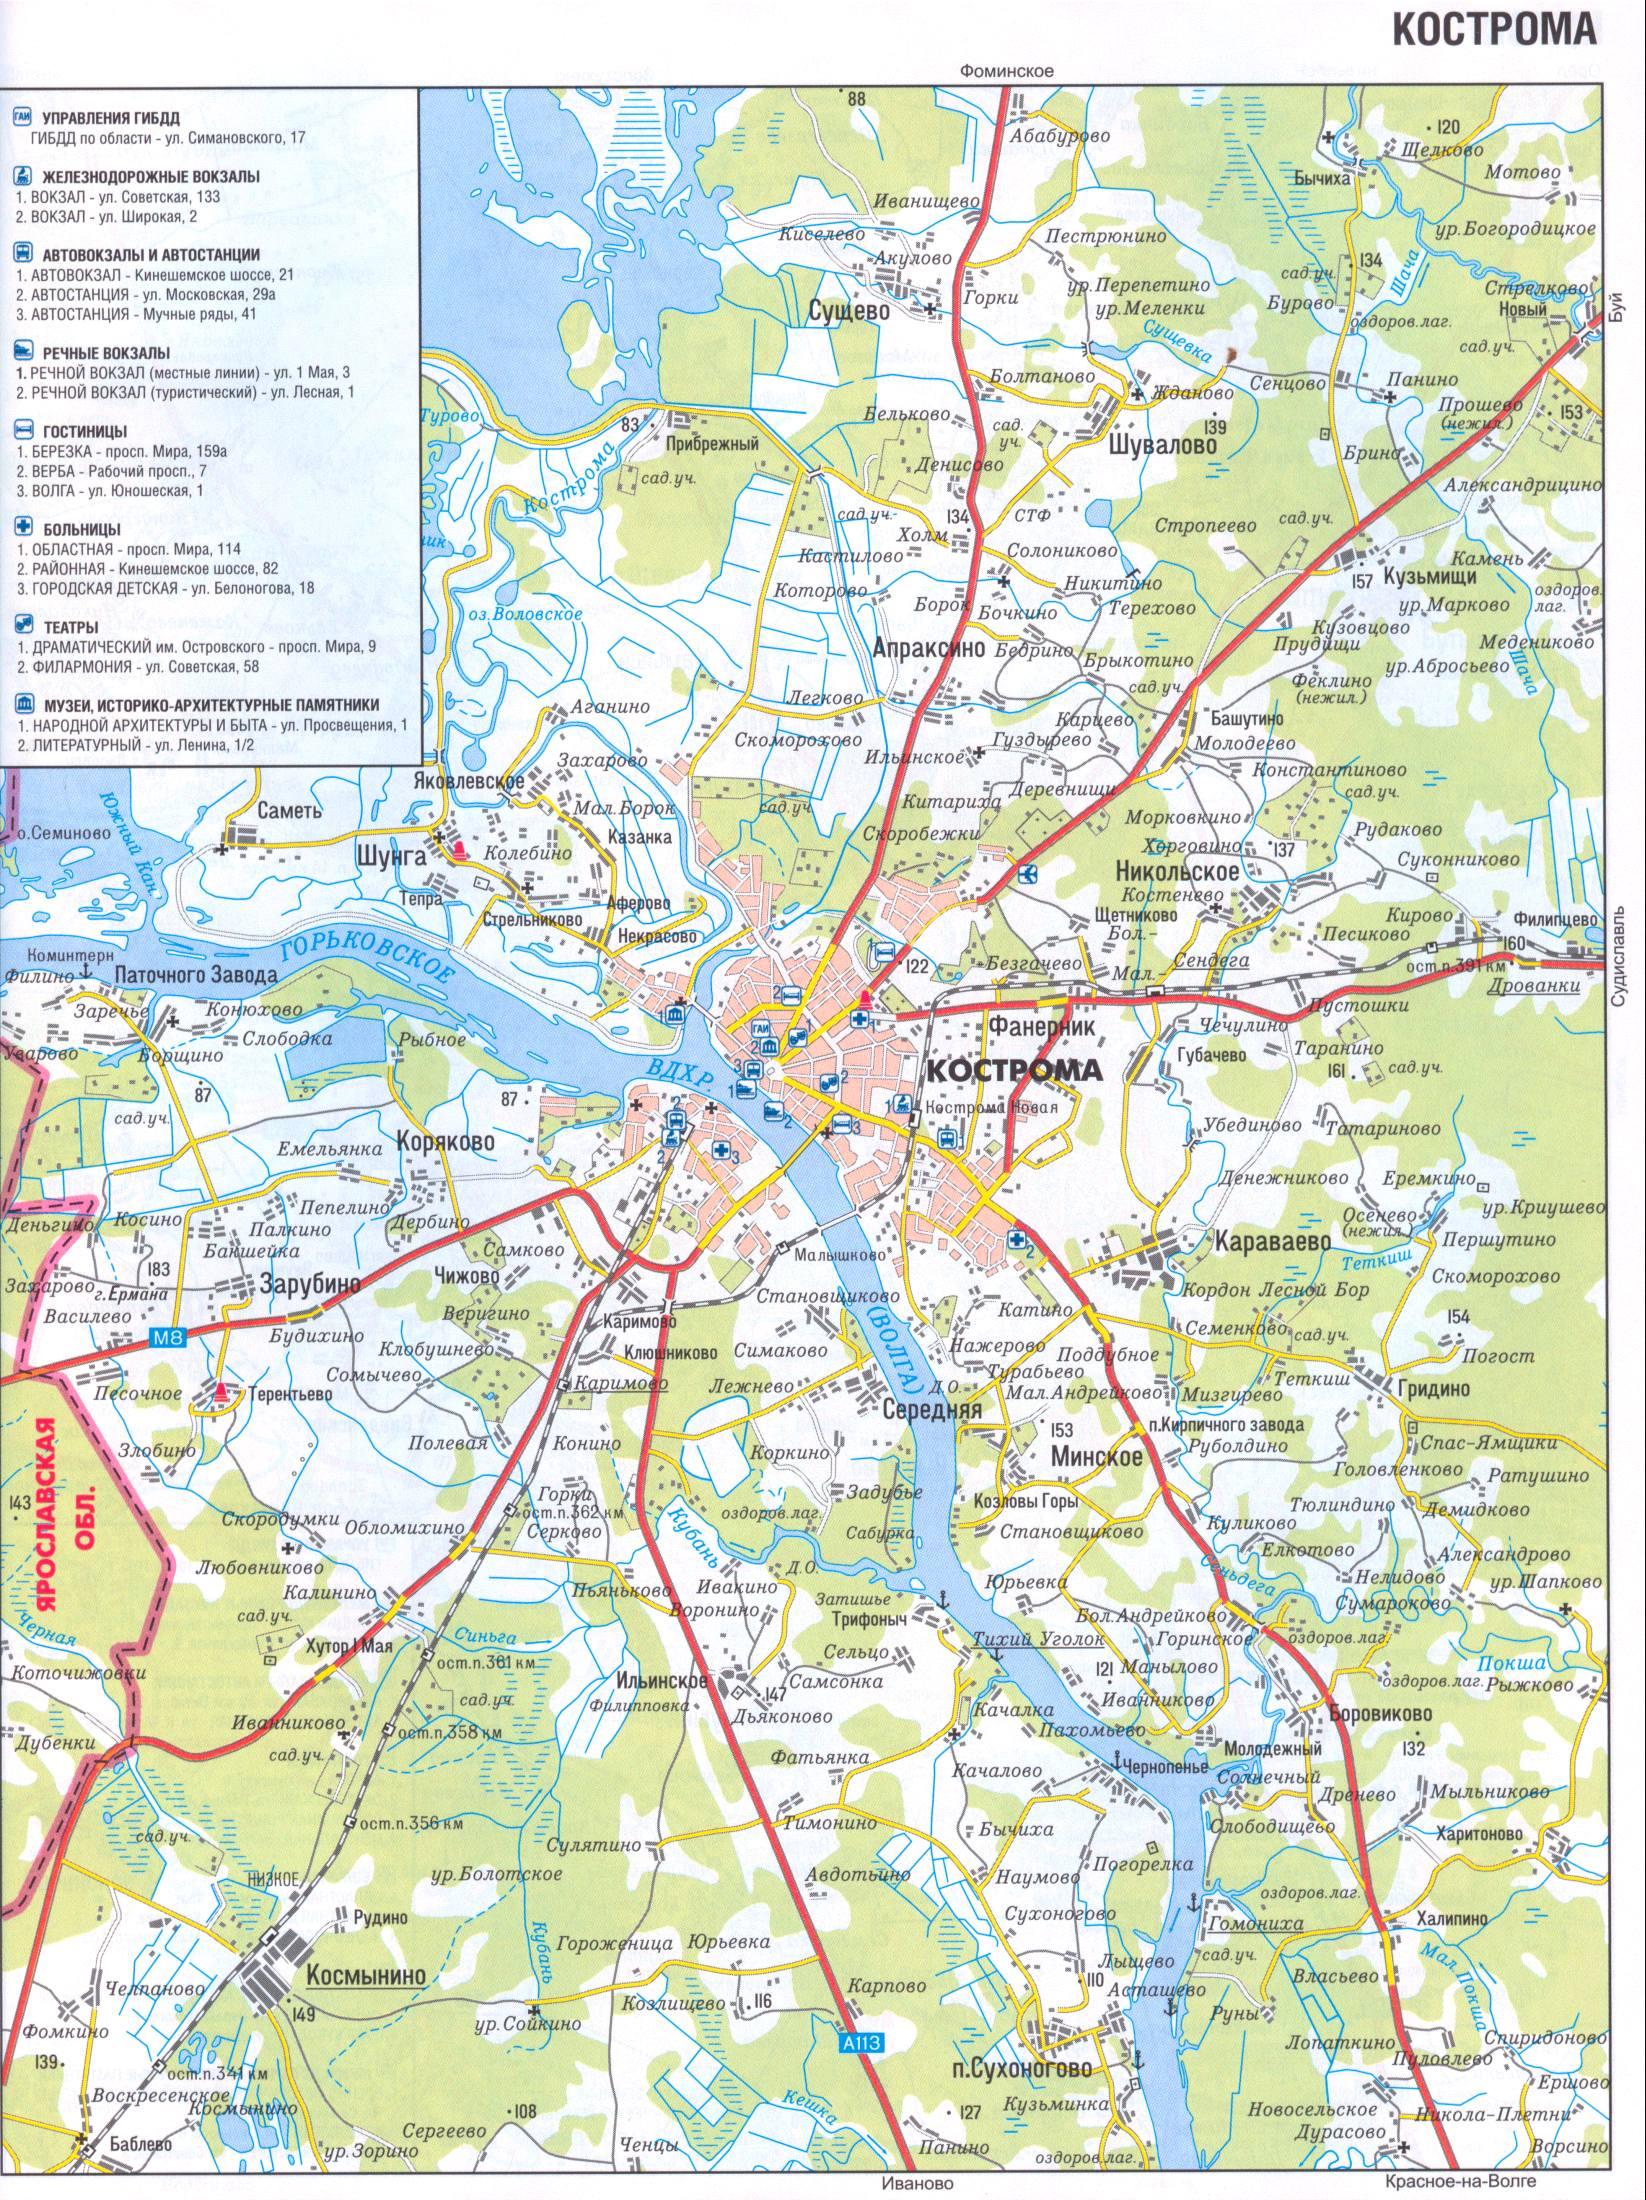 Карта города Кострома, схема проезда транспорта.  Скачать карту Костромы бесплатно.